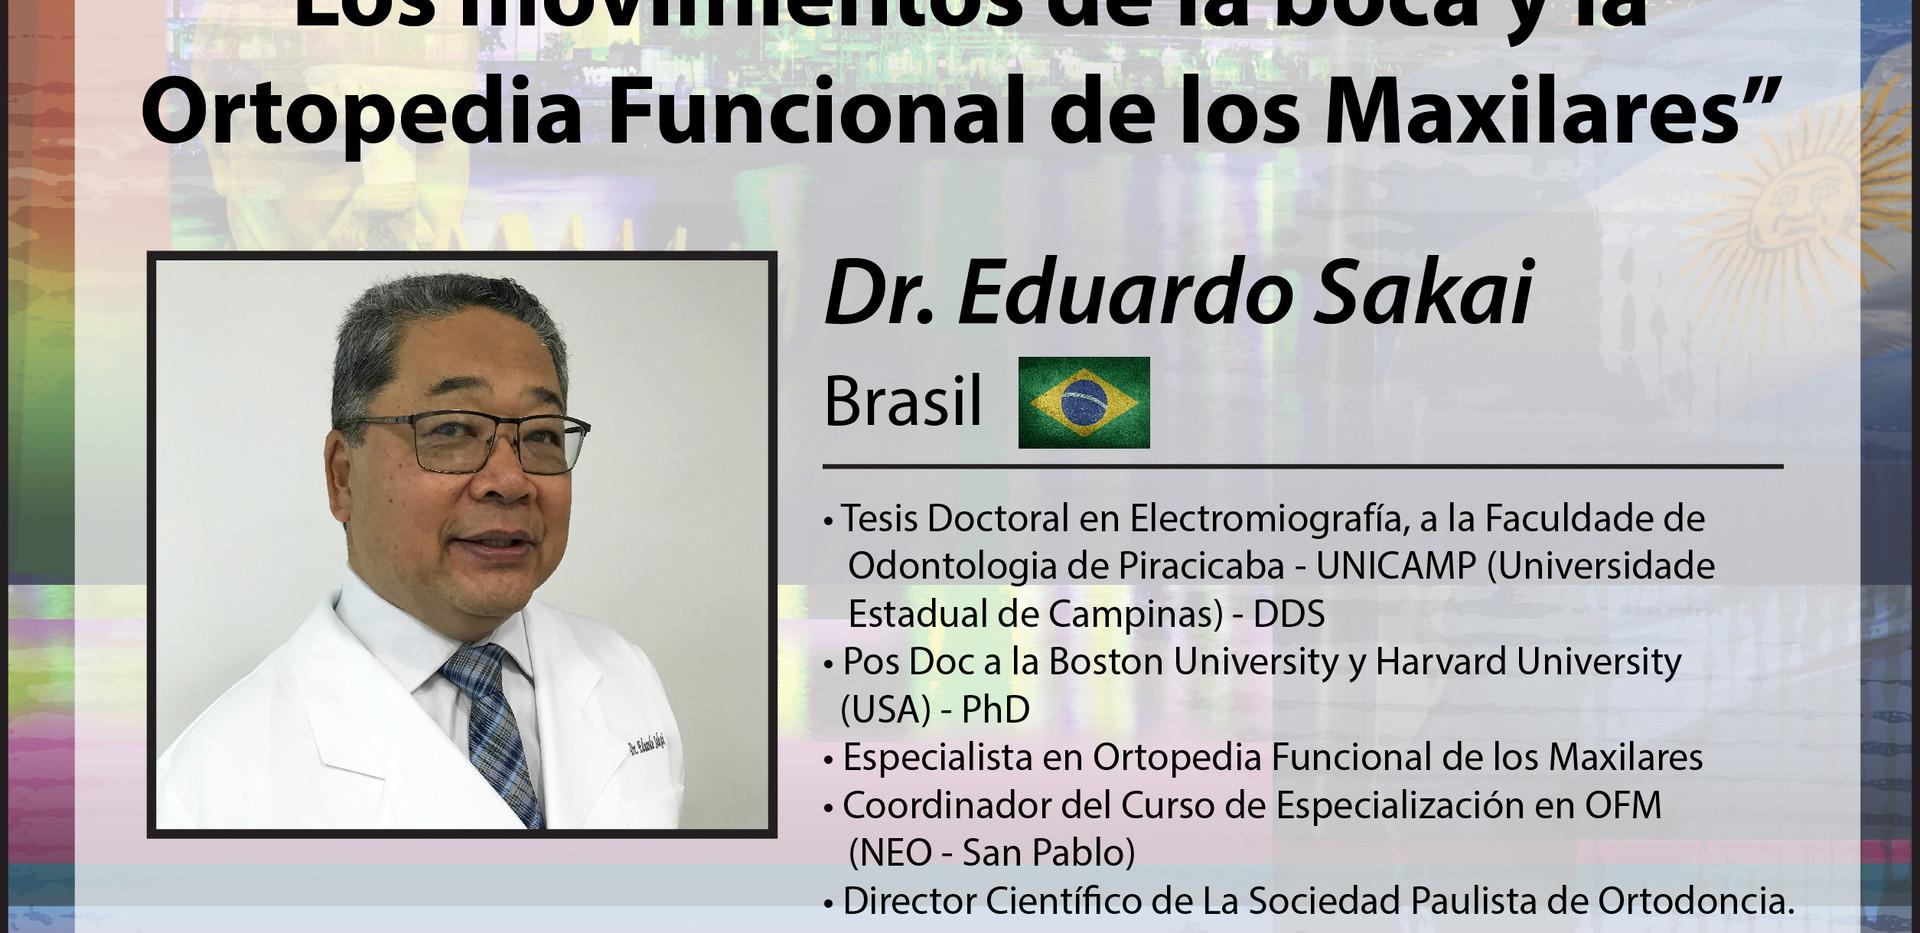 Dr. Eduardo Sakai